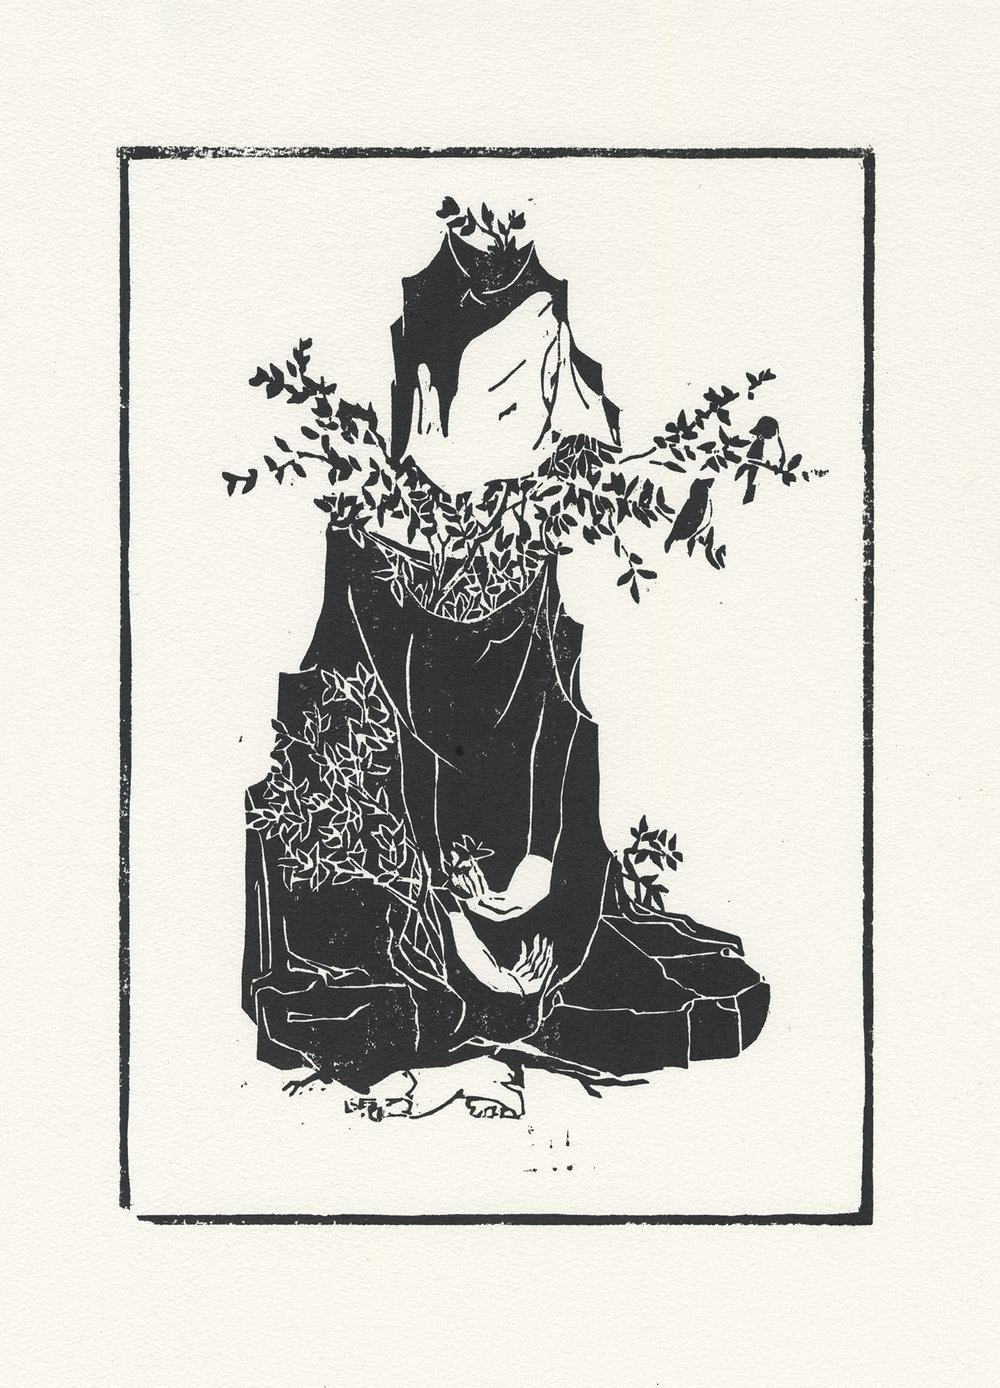 나무와 나  /  Wooden you   Op.0103P -27 x 36 cm,종이에 잉크(목판화) / Ink on paper (woodcut print), 2015